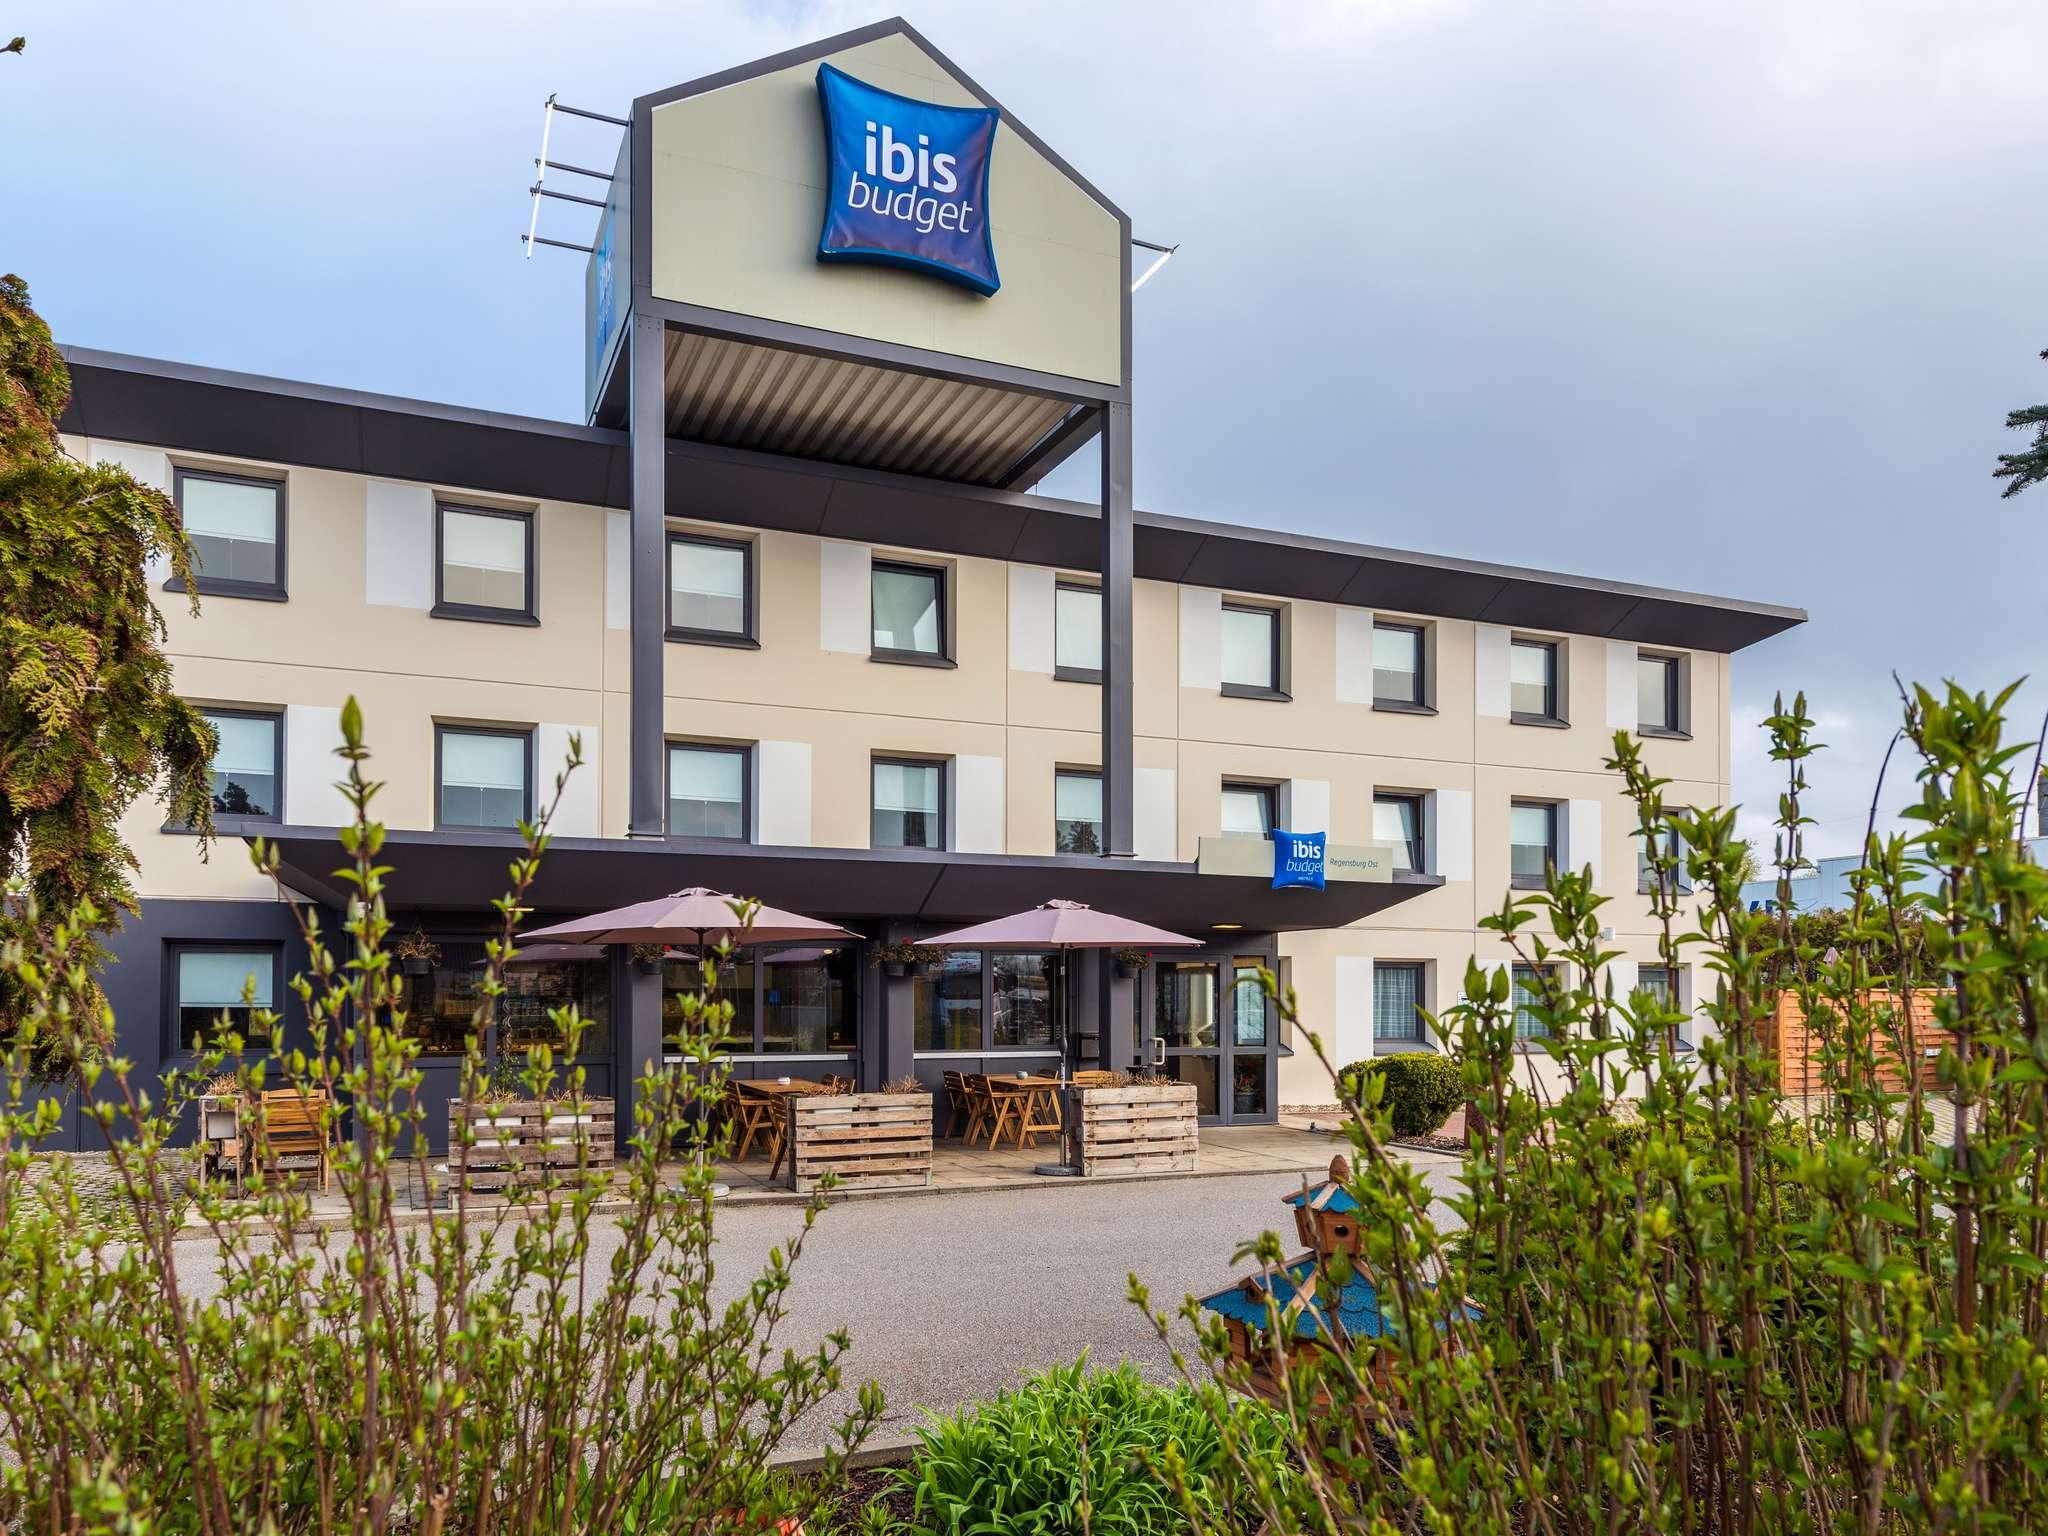 酒店 – 宜必思快捷雷根斯堡东部酒店